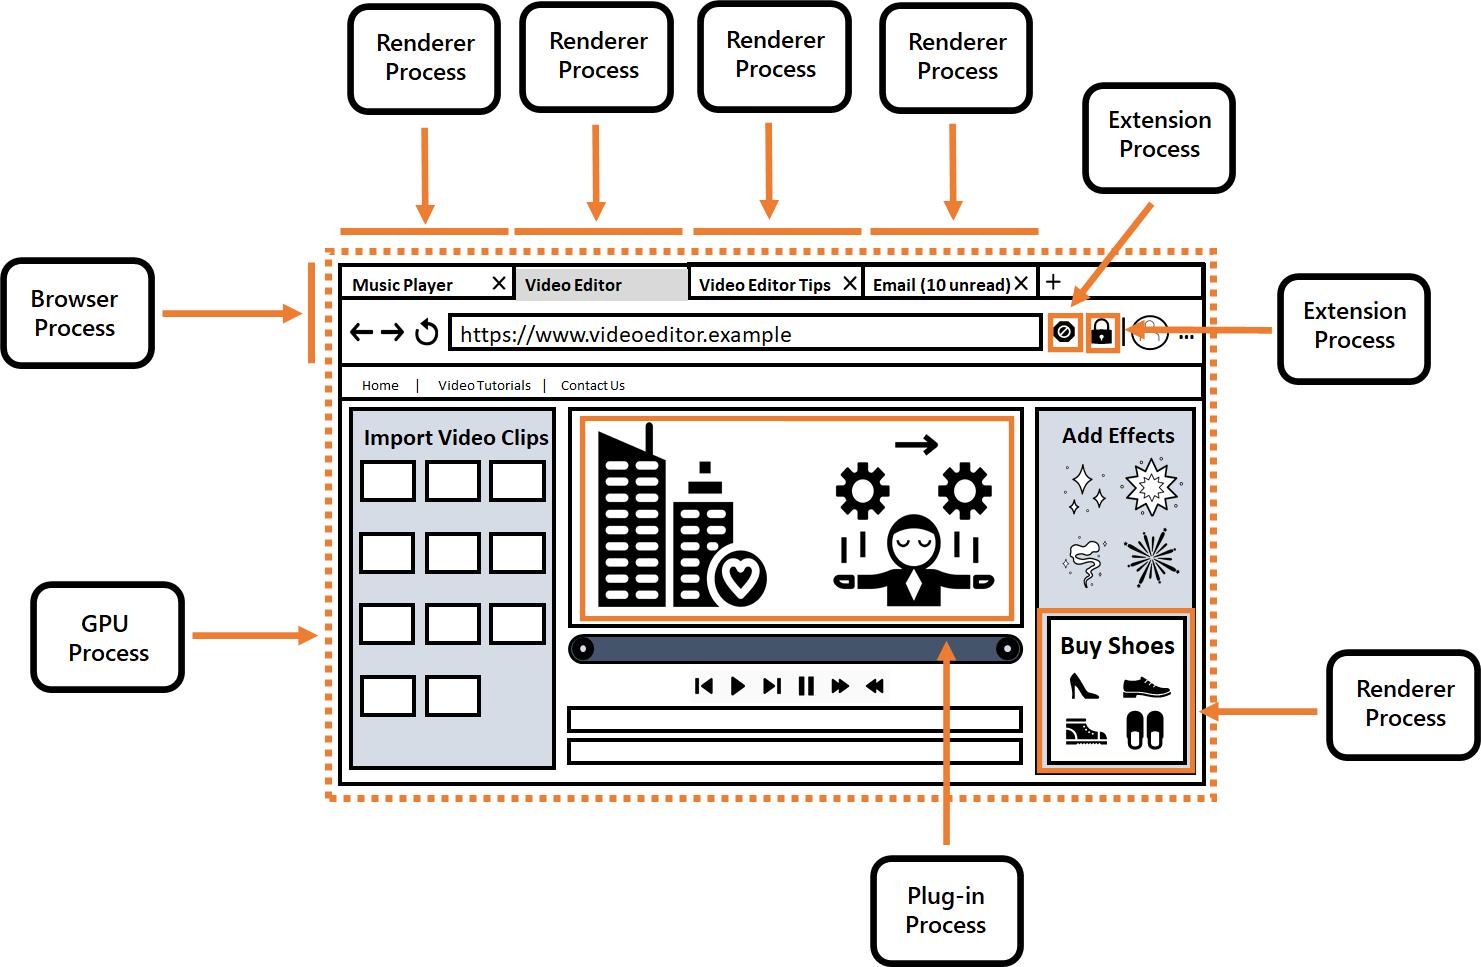 Diagrama que muestra los procesos del navegador en una sola ventana del navegador